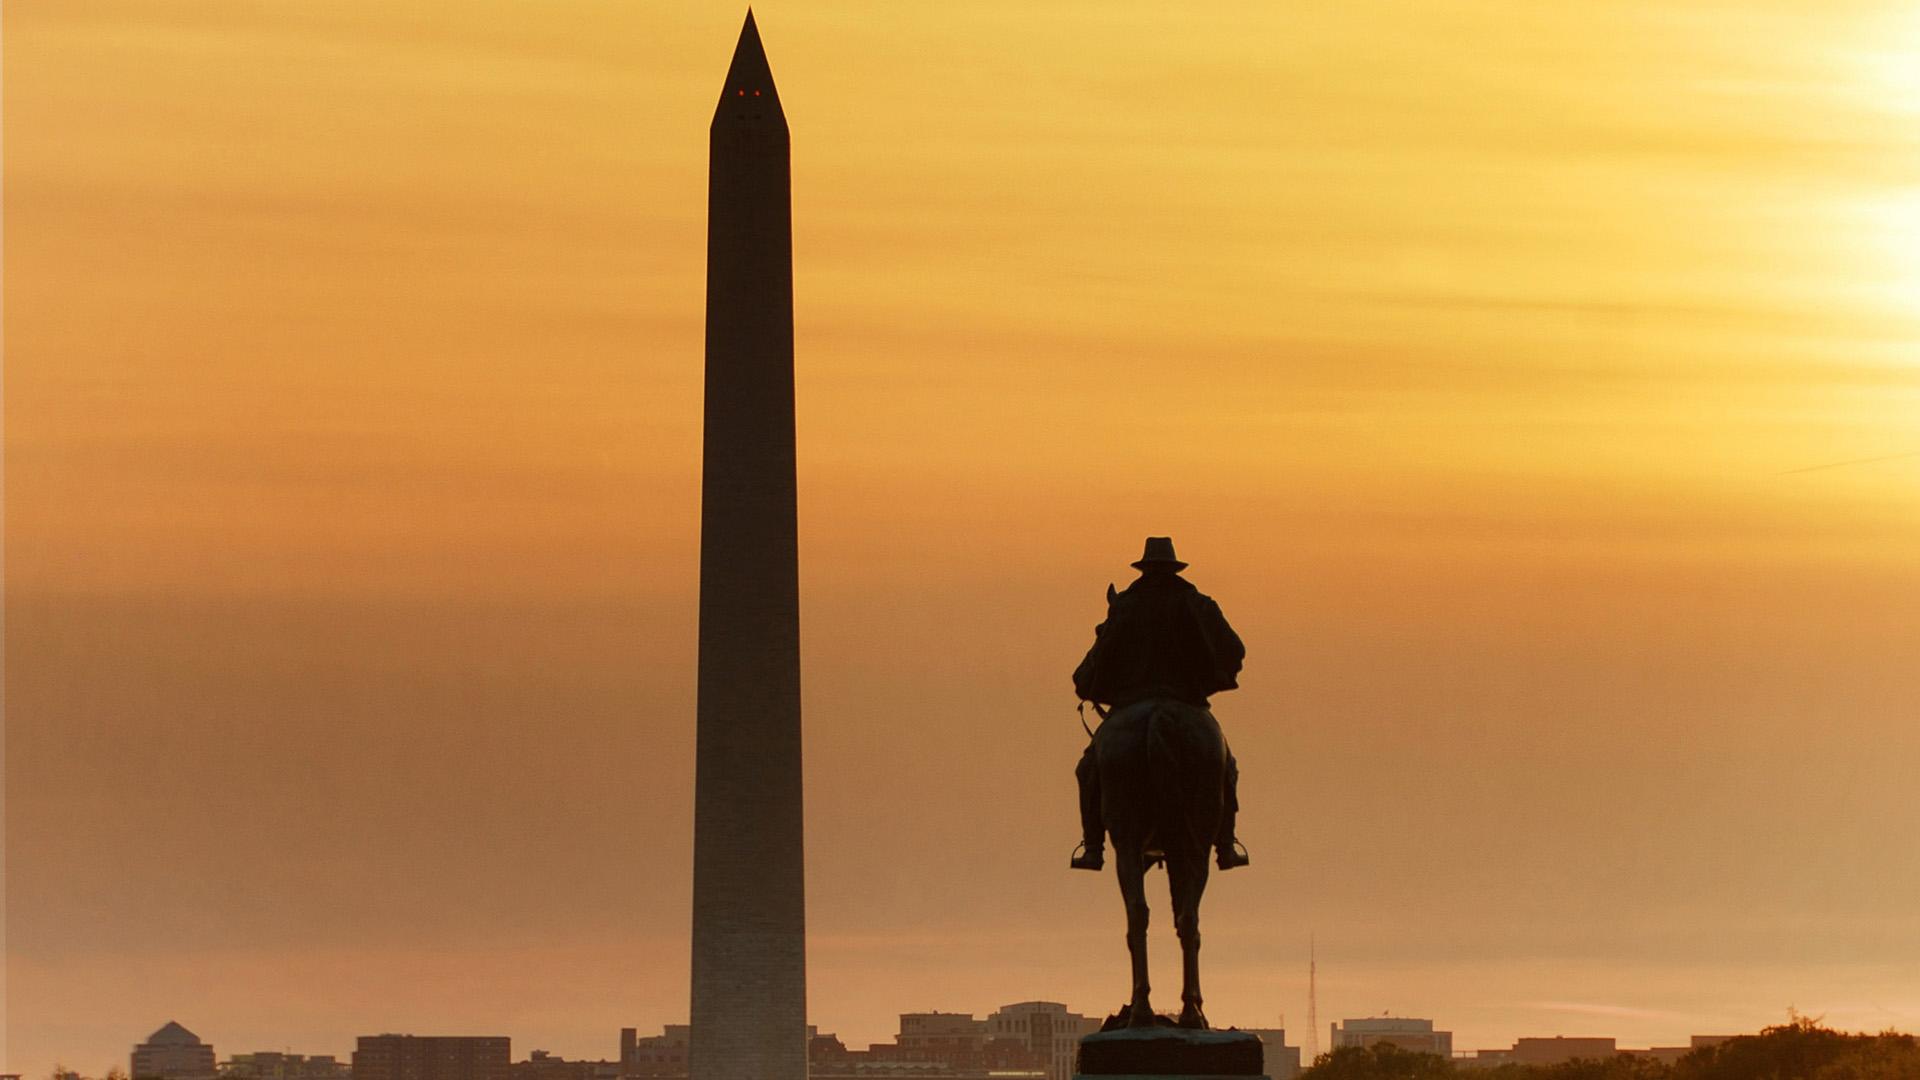 Washington Monument at Sunset, Washington DC, United States